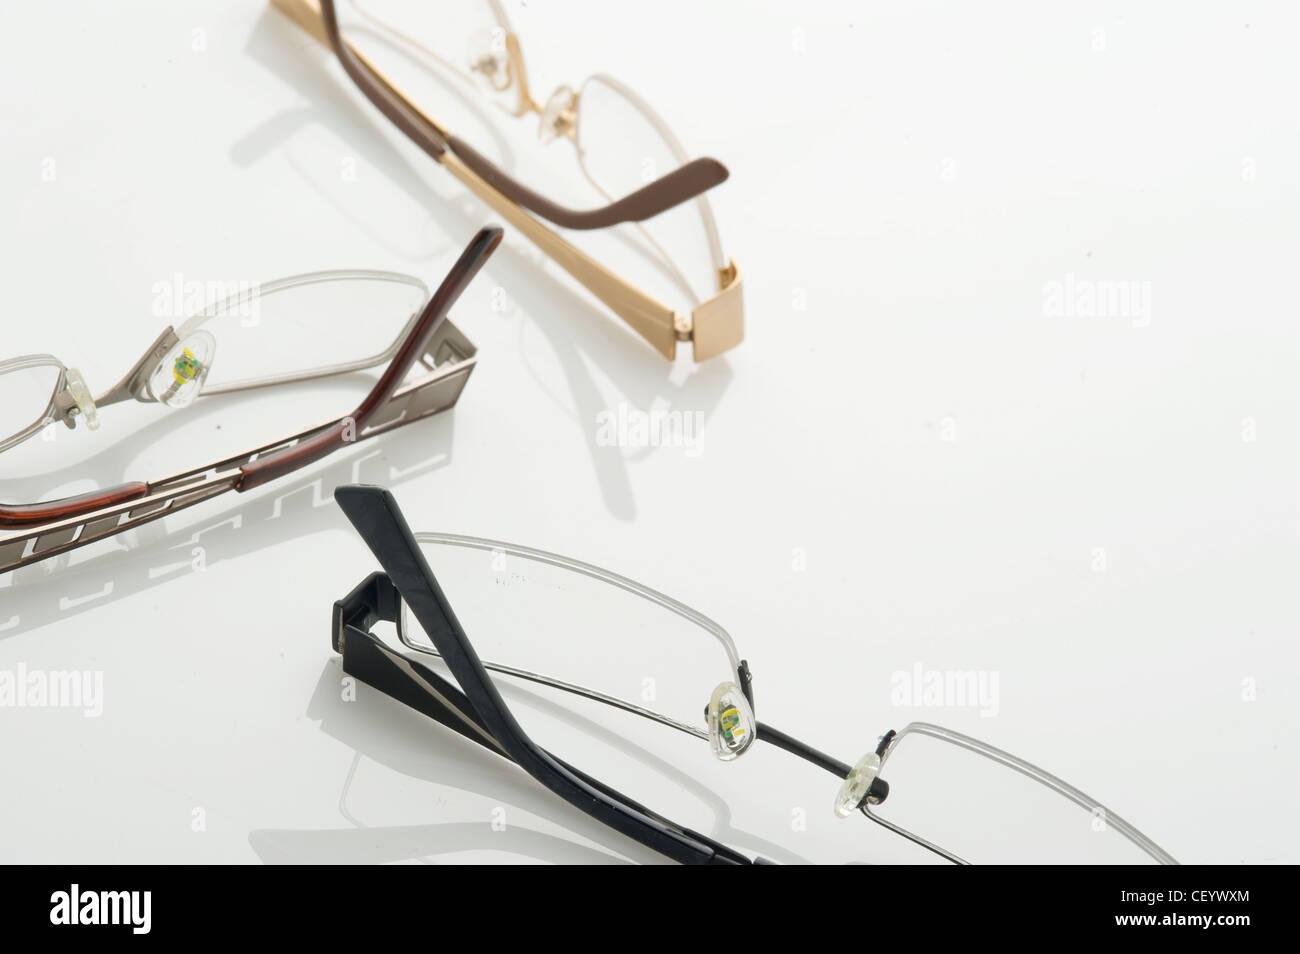 Three pairs of glasses - Stock Image